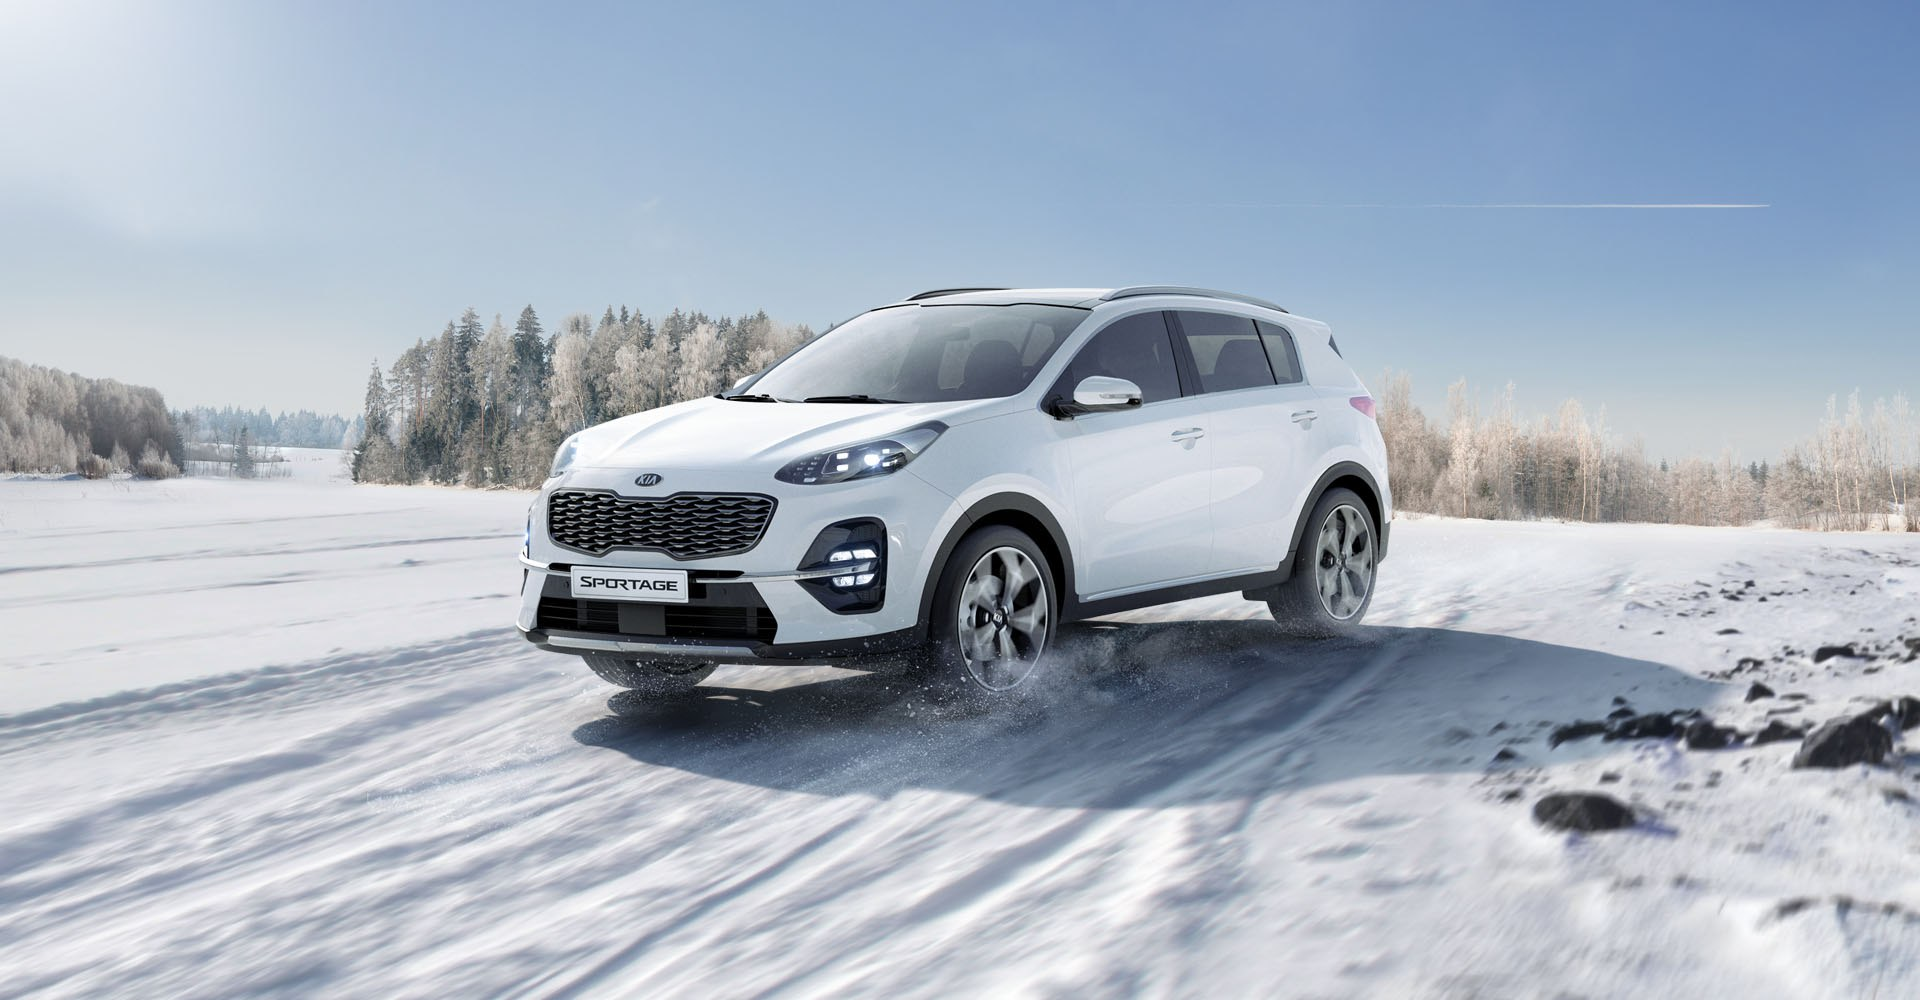 Самые выносливые автомобили в зимний период: мороз и сугробы нестрашны 4